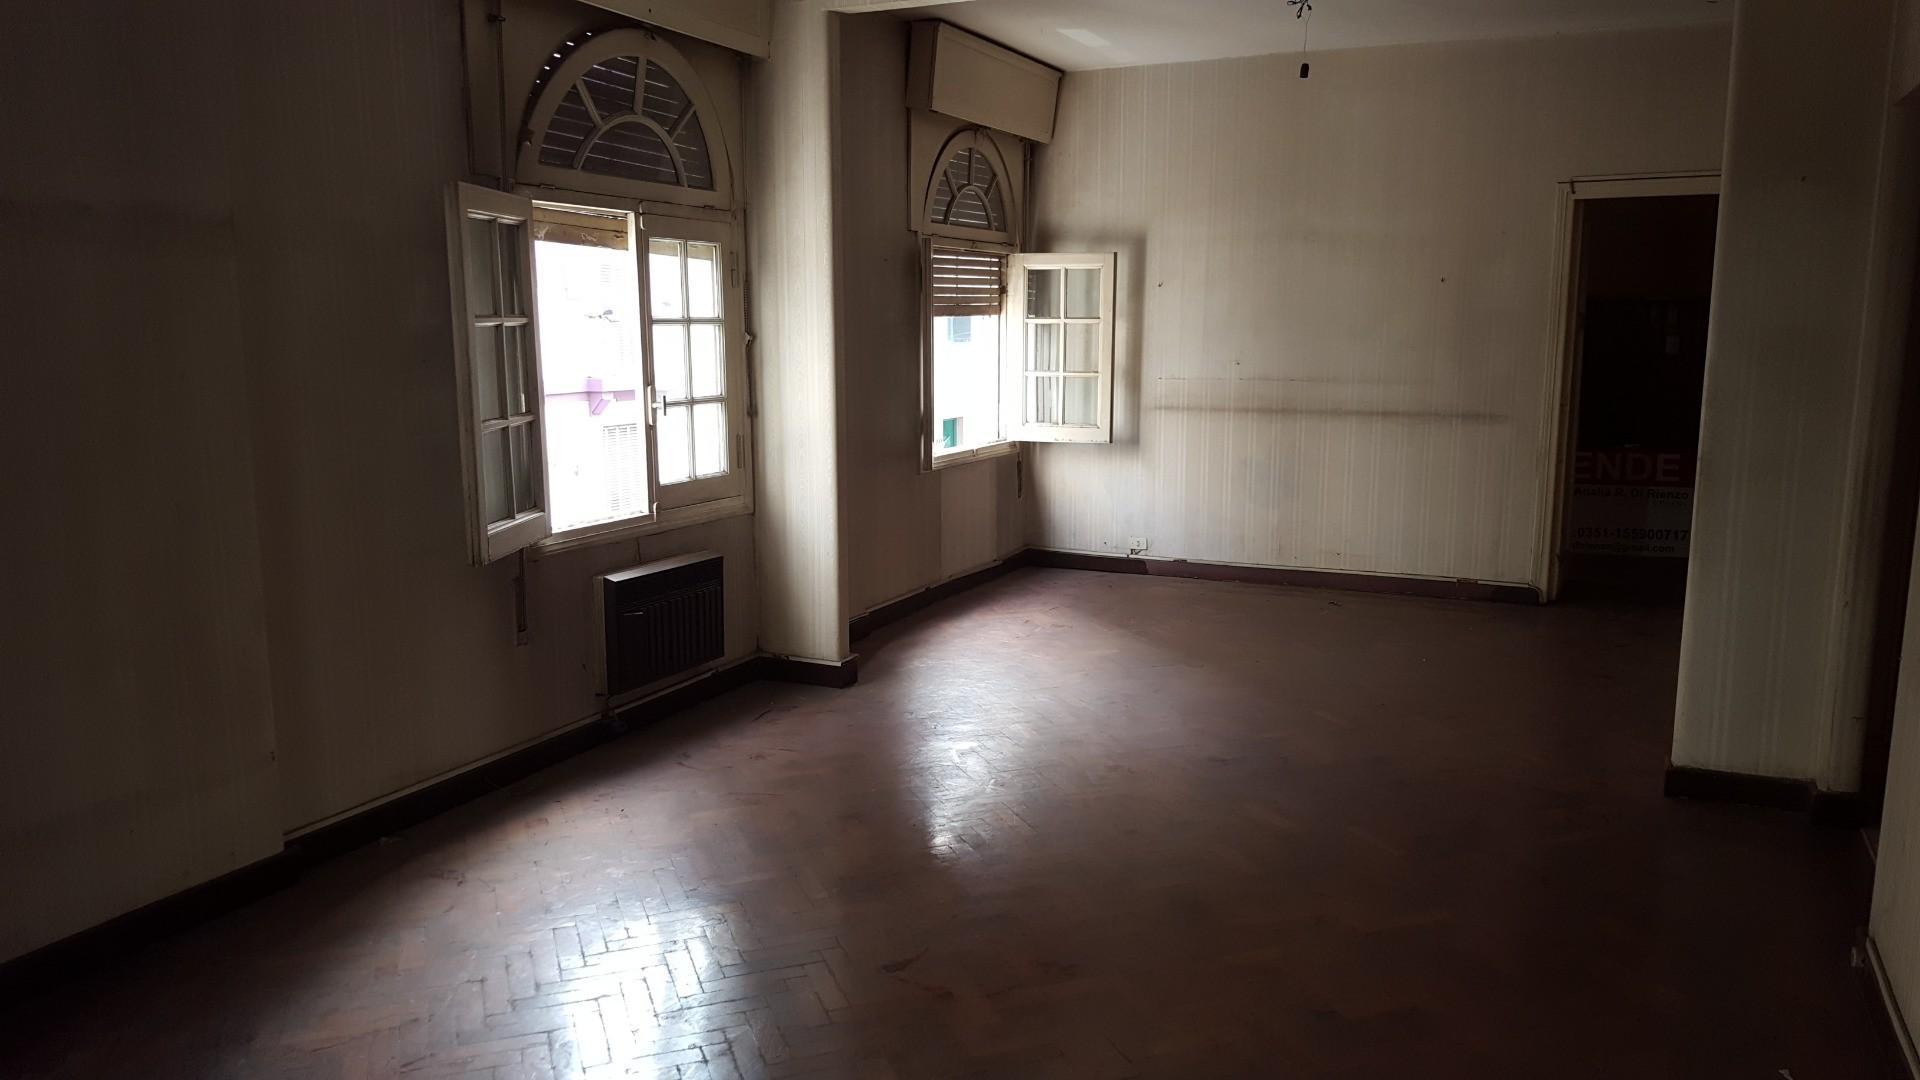 A RECICLAR piso sobre Av. Colón y Fragueiro a mts de Cañada  - Totalmente externo -